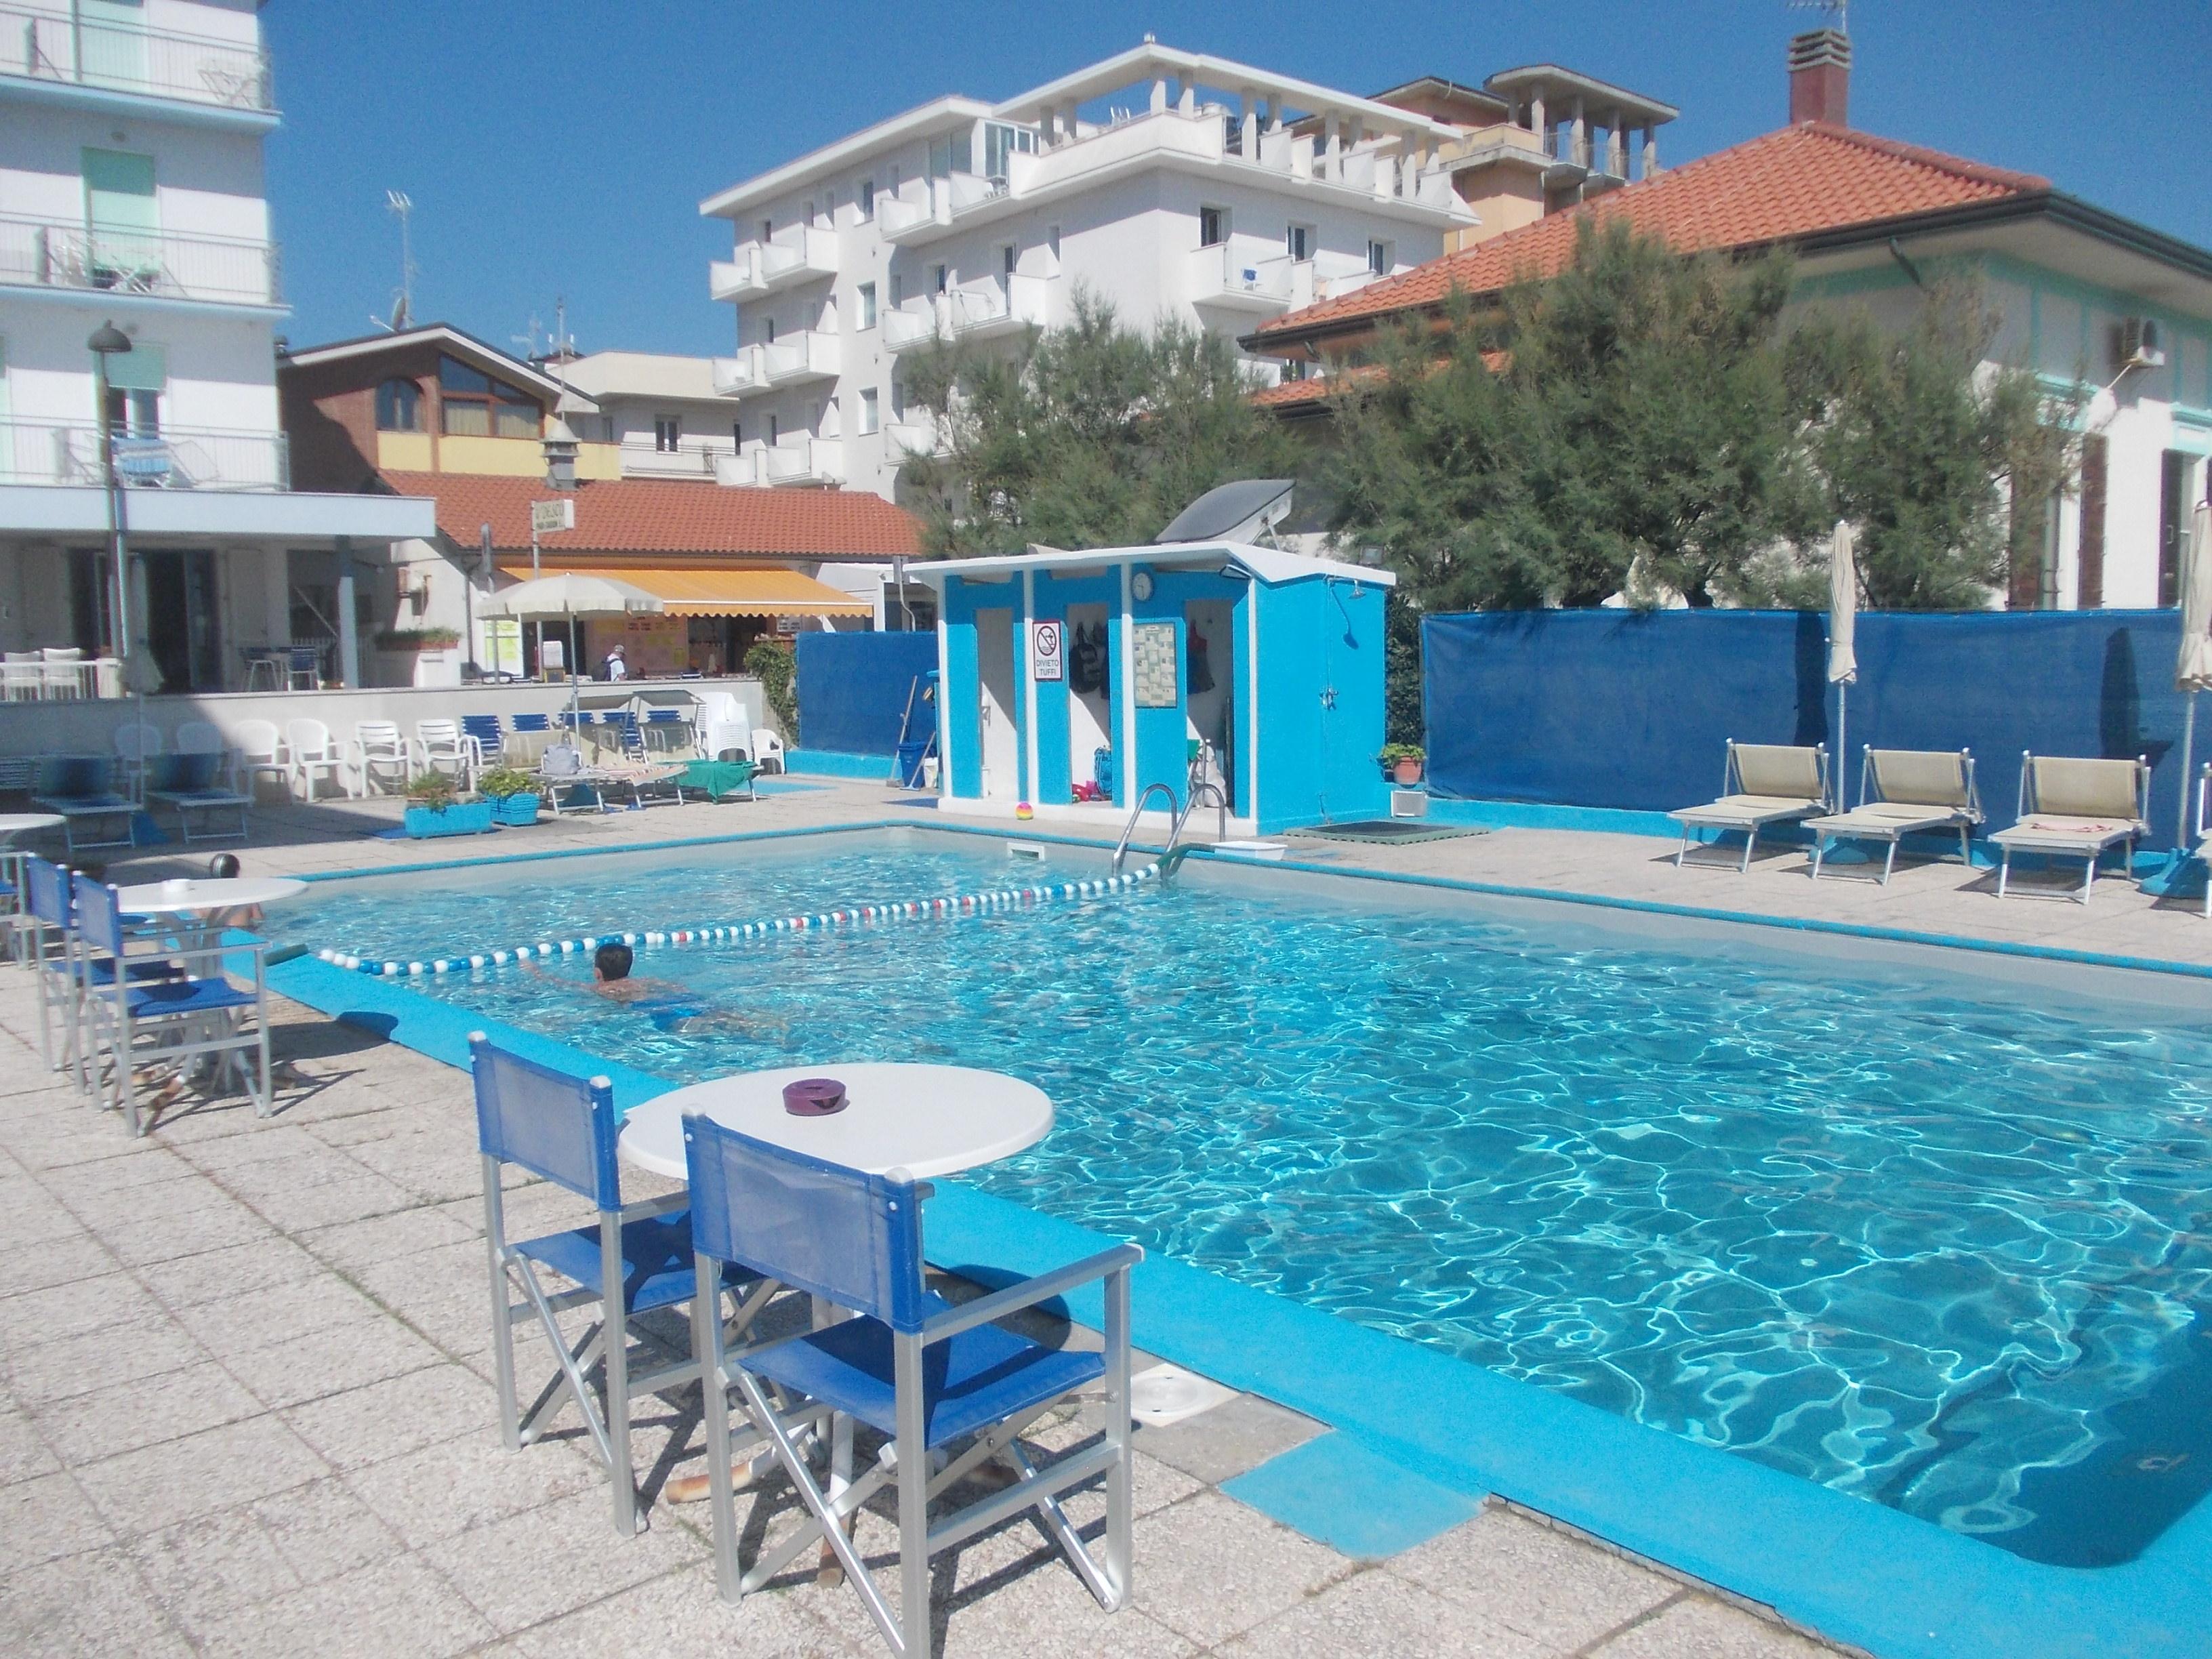 piscina fronte residence